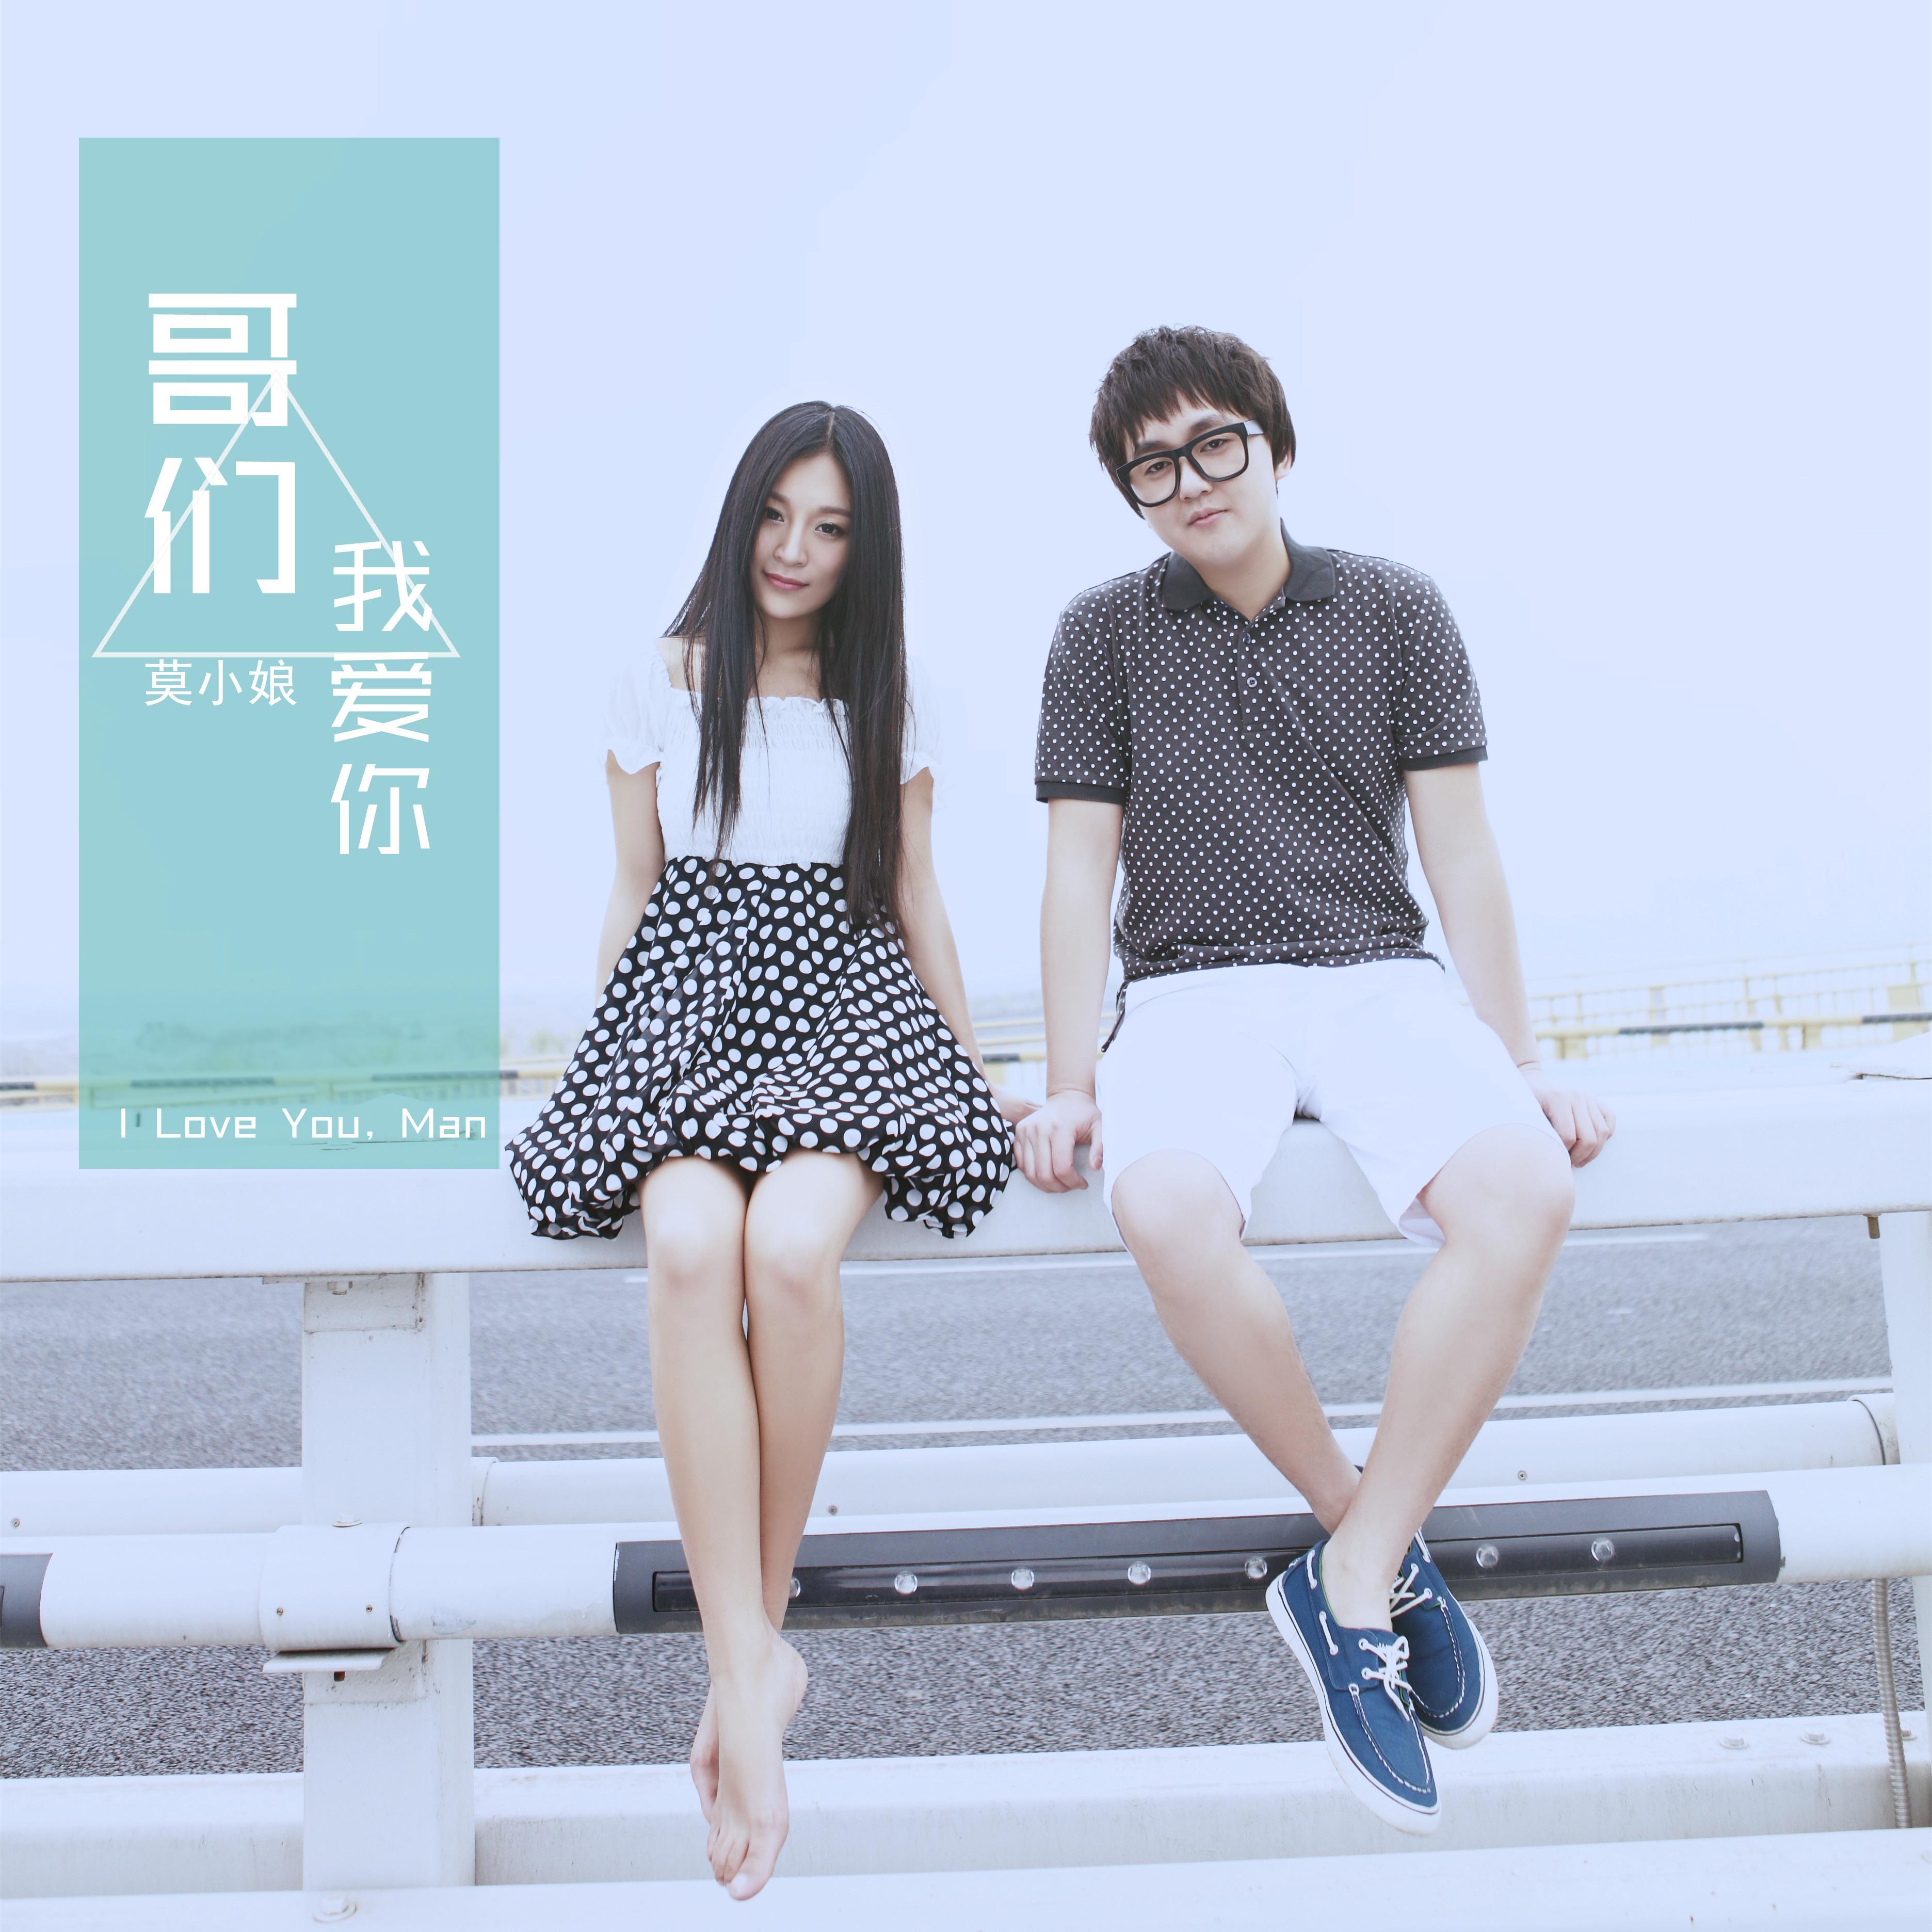 哥们我爱你 - 莫凝 (莫小娘) - 单曲 - 网易云音乐